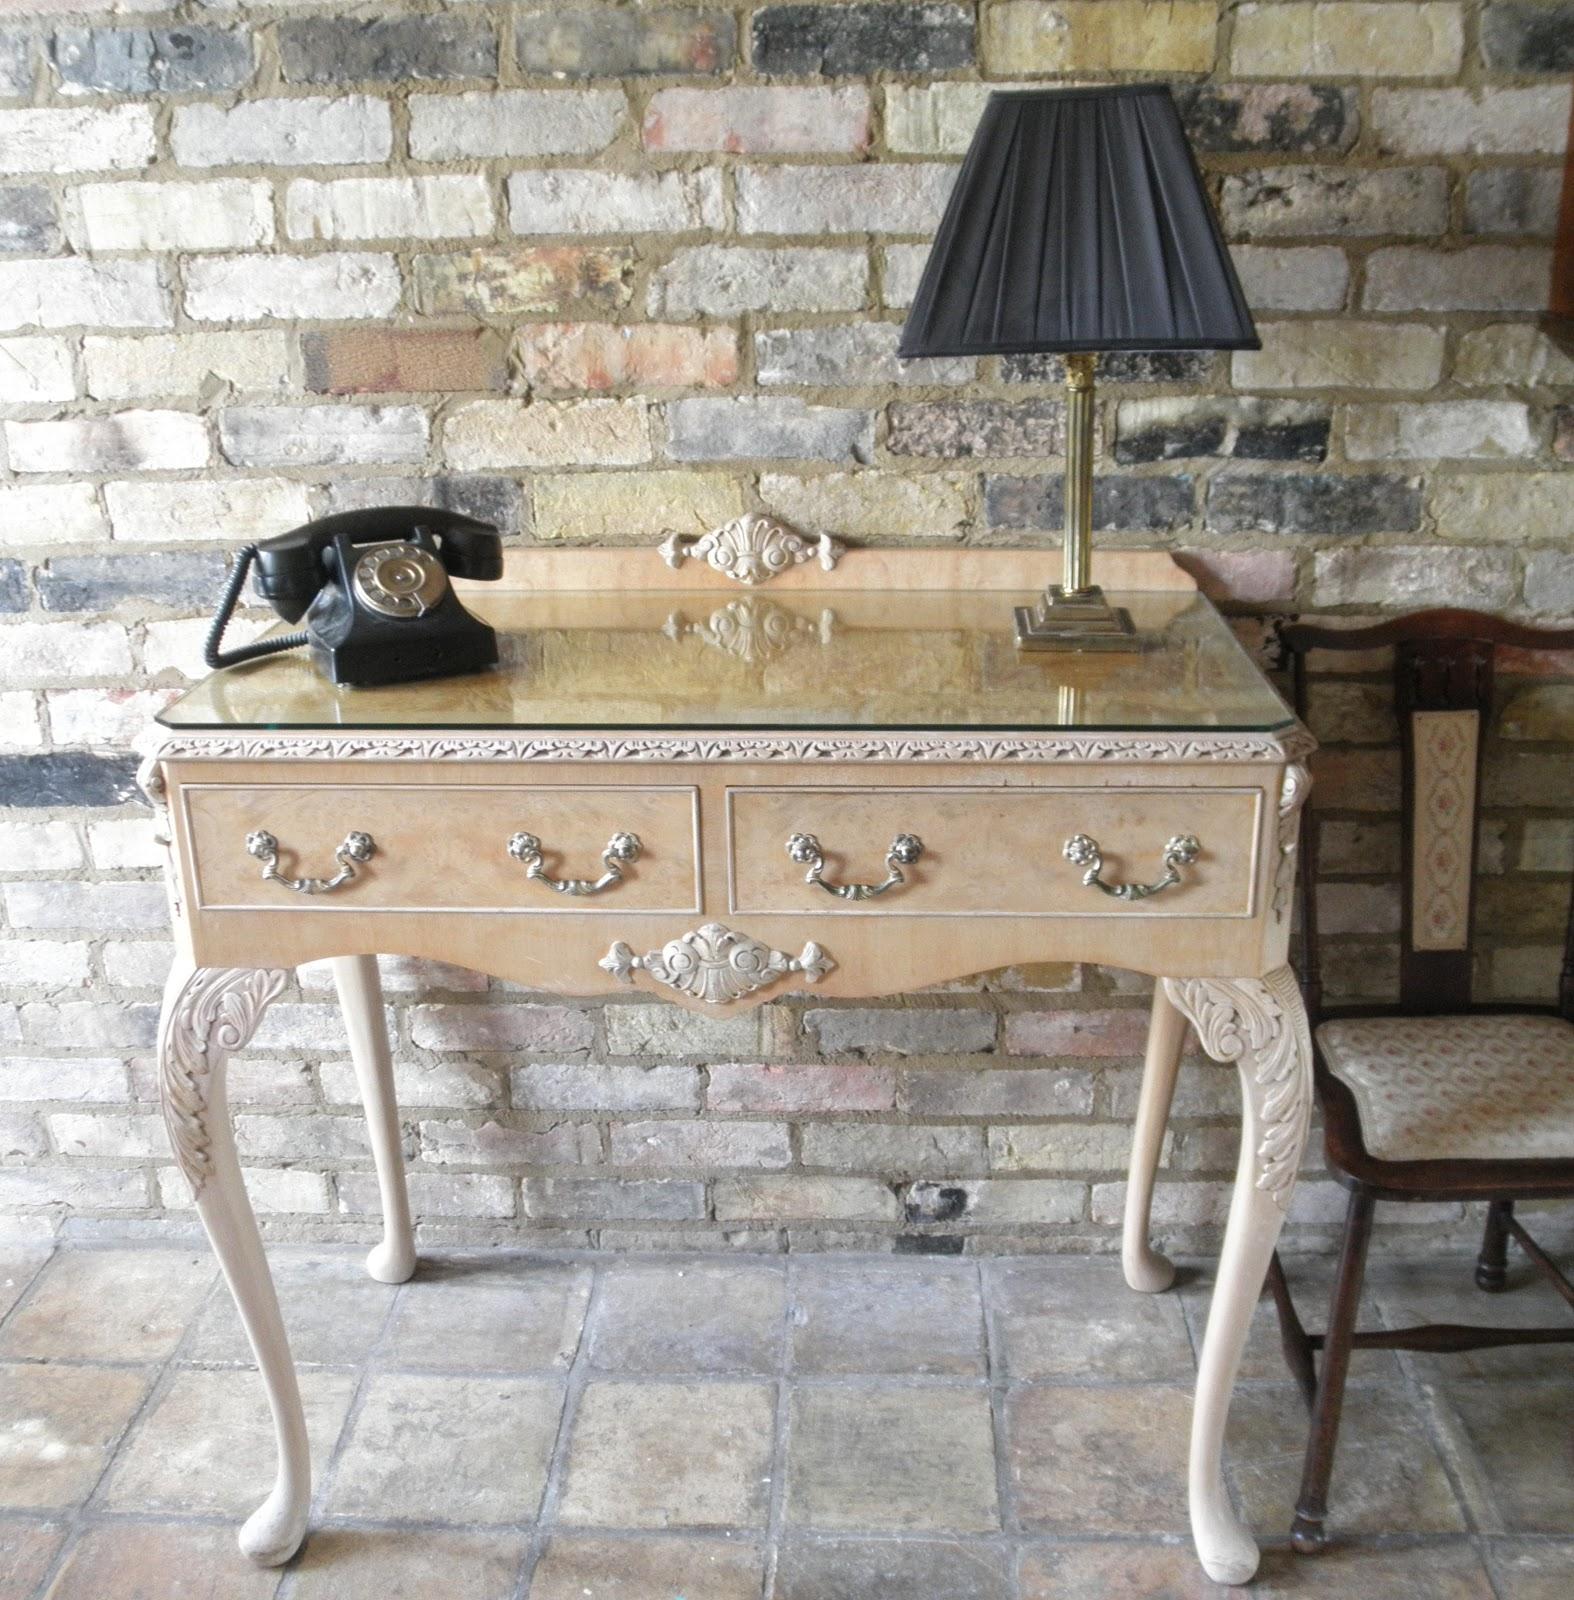 http://4.bp.blogspot.com/-yYNBh59wVmM/T_XucQ9TucI/AAAAAAAAAD8/g_OyXw9EyFw/s1600/walnut+side+table+004.JPG